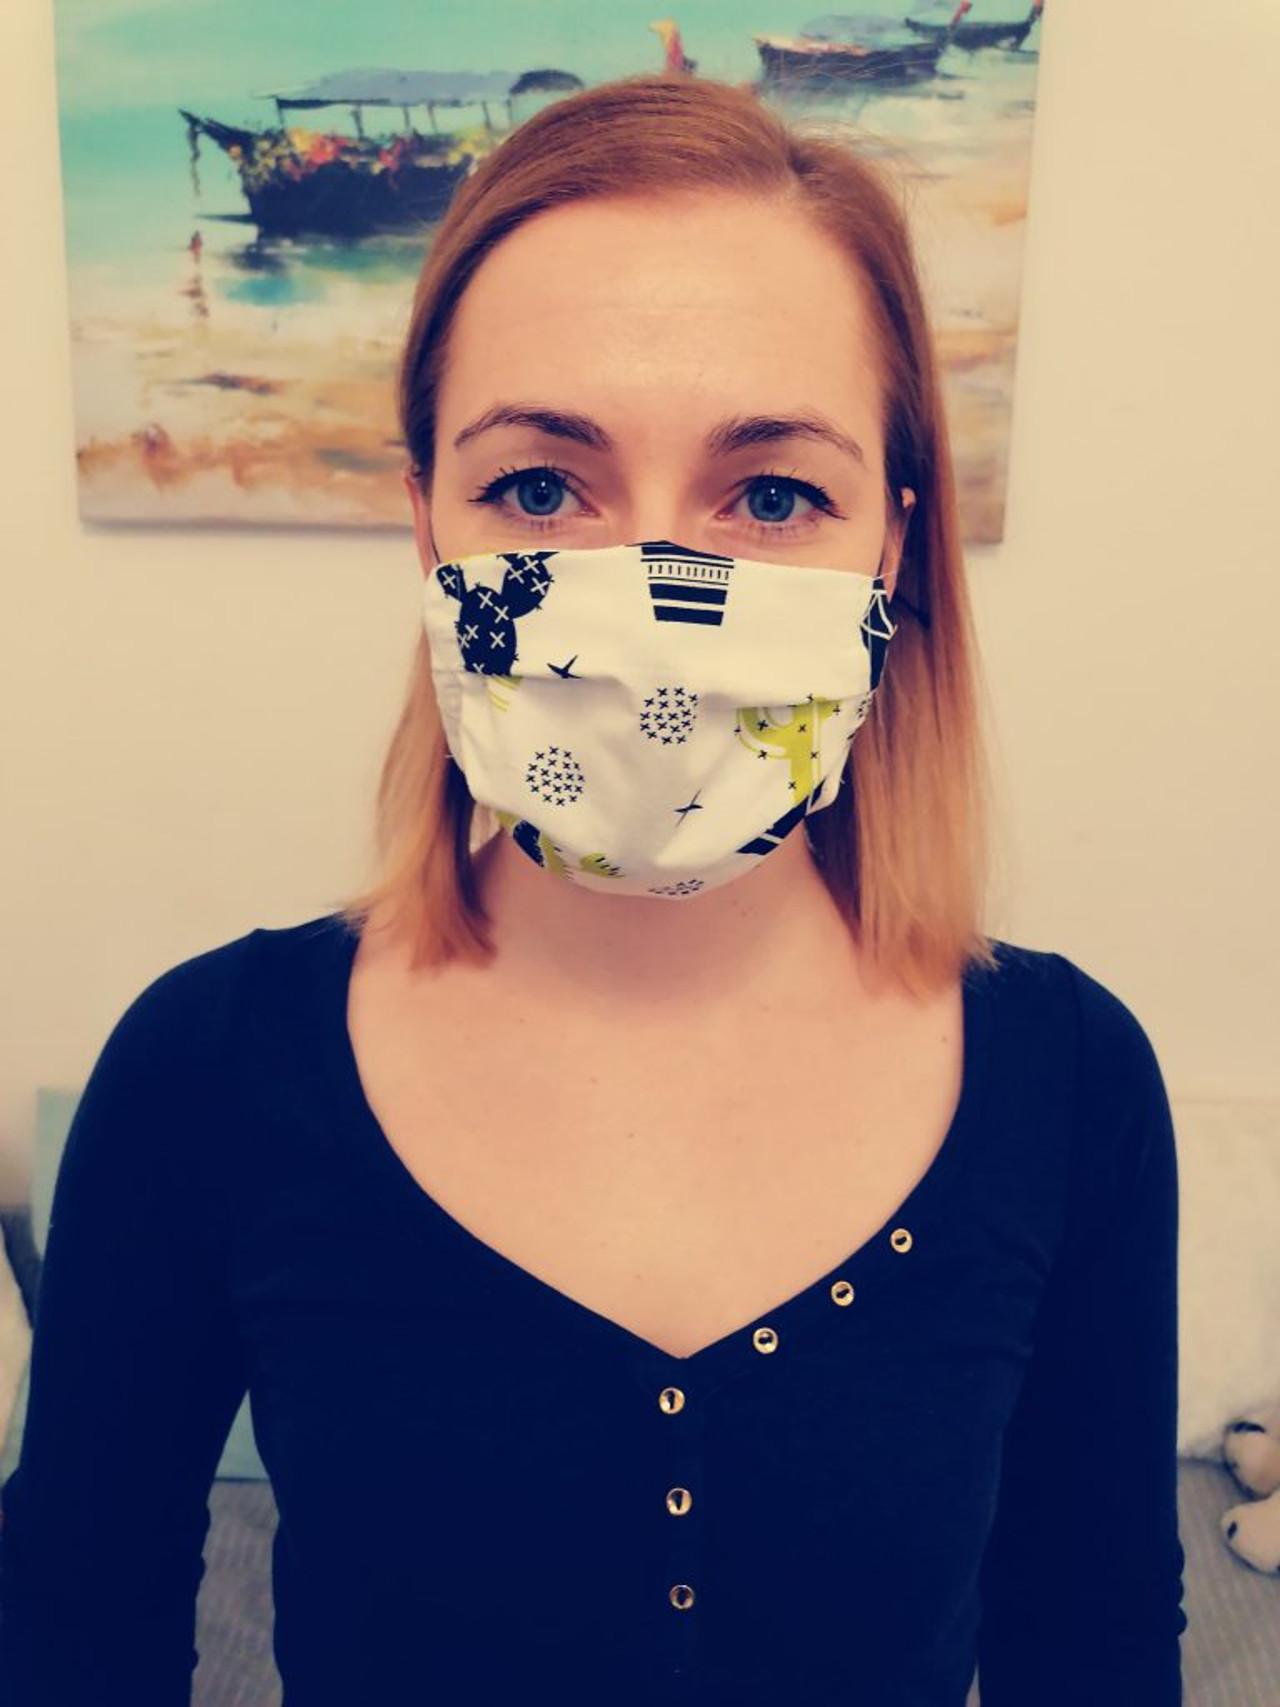 Polscy celebryci w maseczkach na twarzy, niektórzy stawiają na te zrobione własnoręcznie.